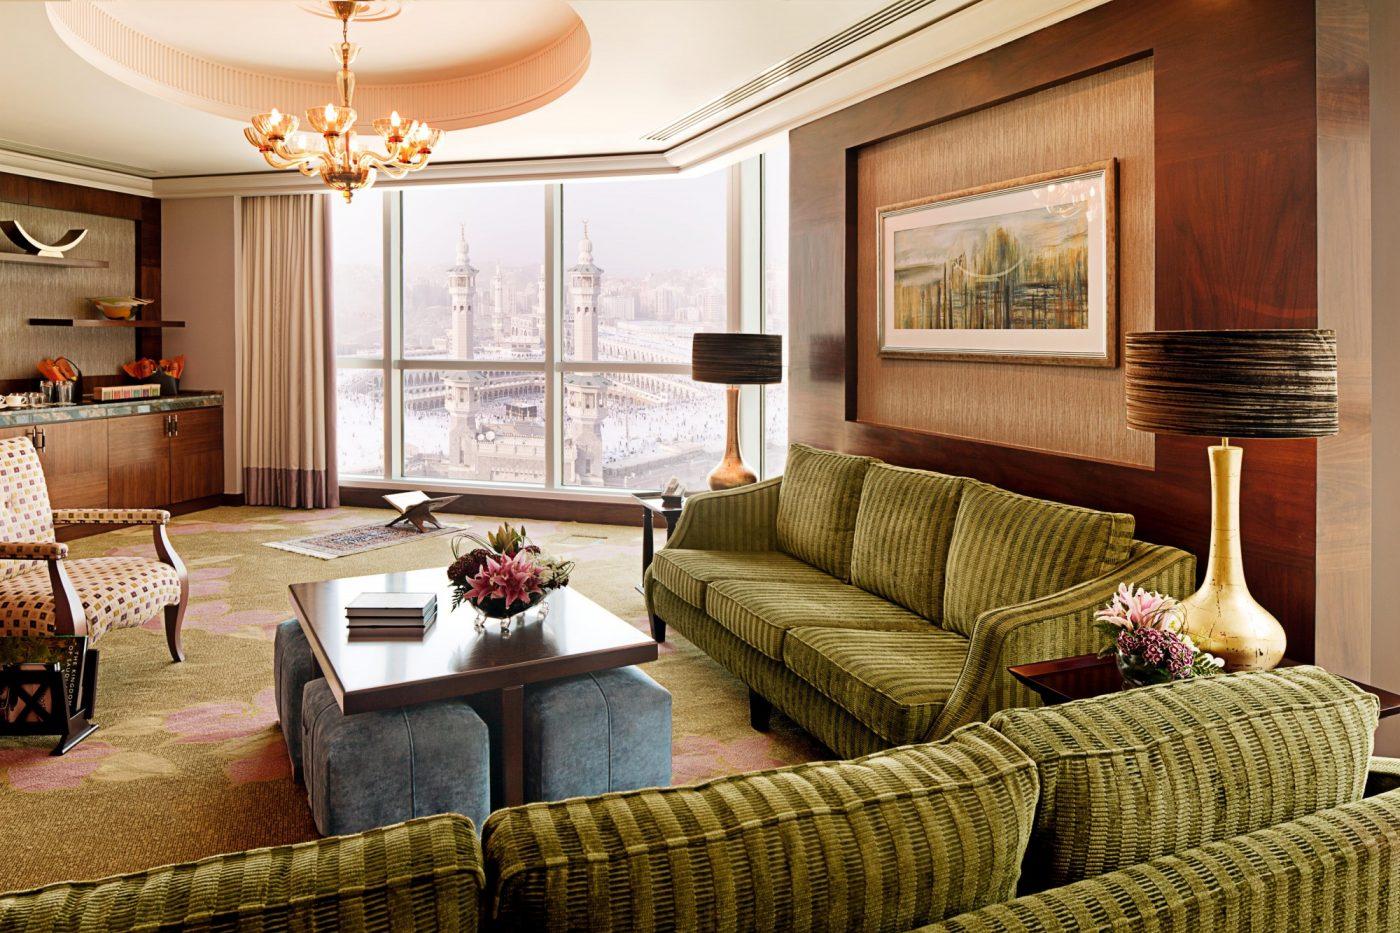 Raffles Makkah Palace - 5 Star Hotels Near Haram | Accorhotels